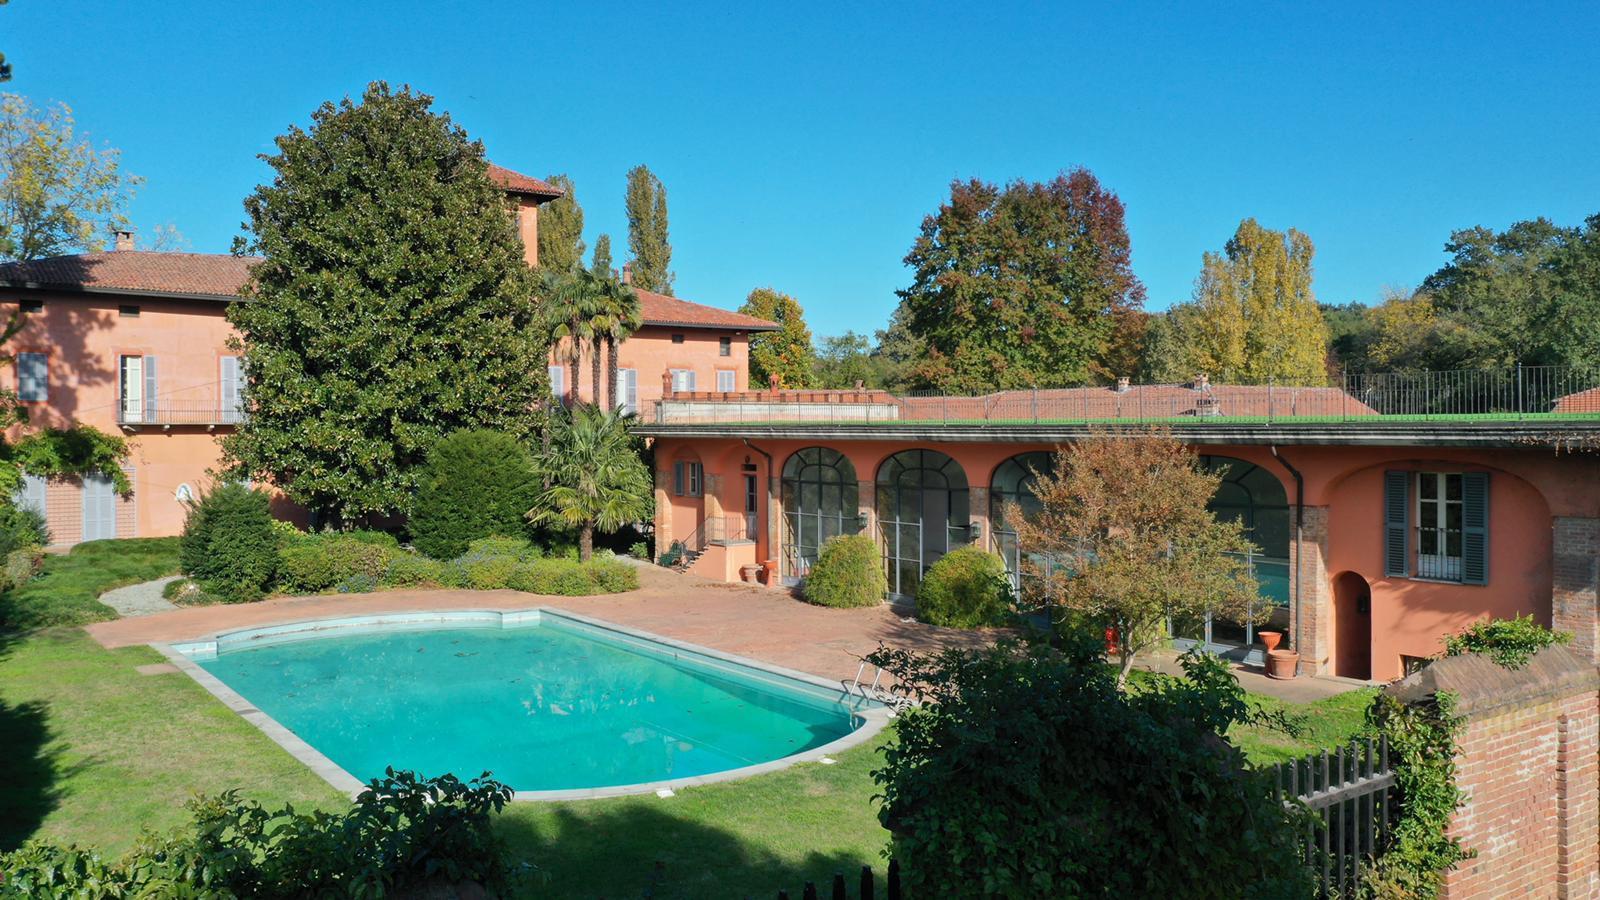 Location Con Piscina In Torino E Provincia